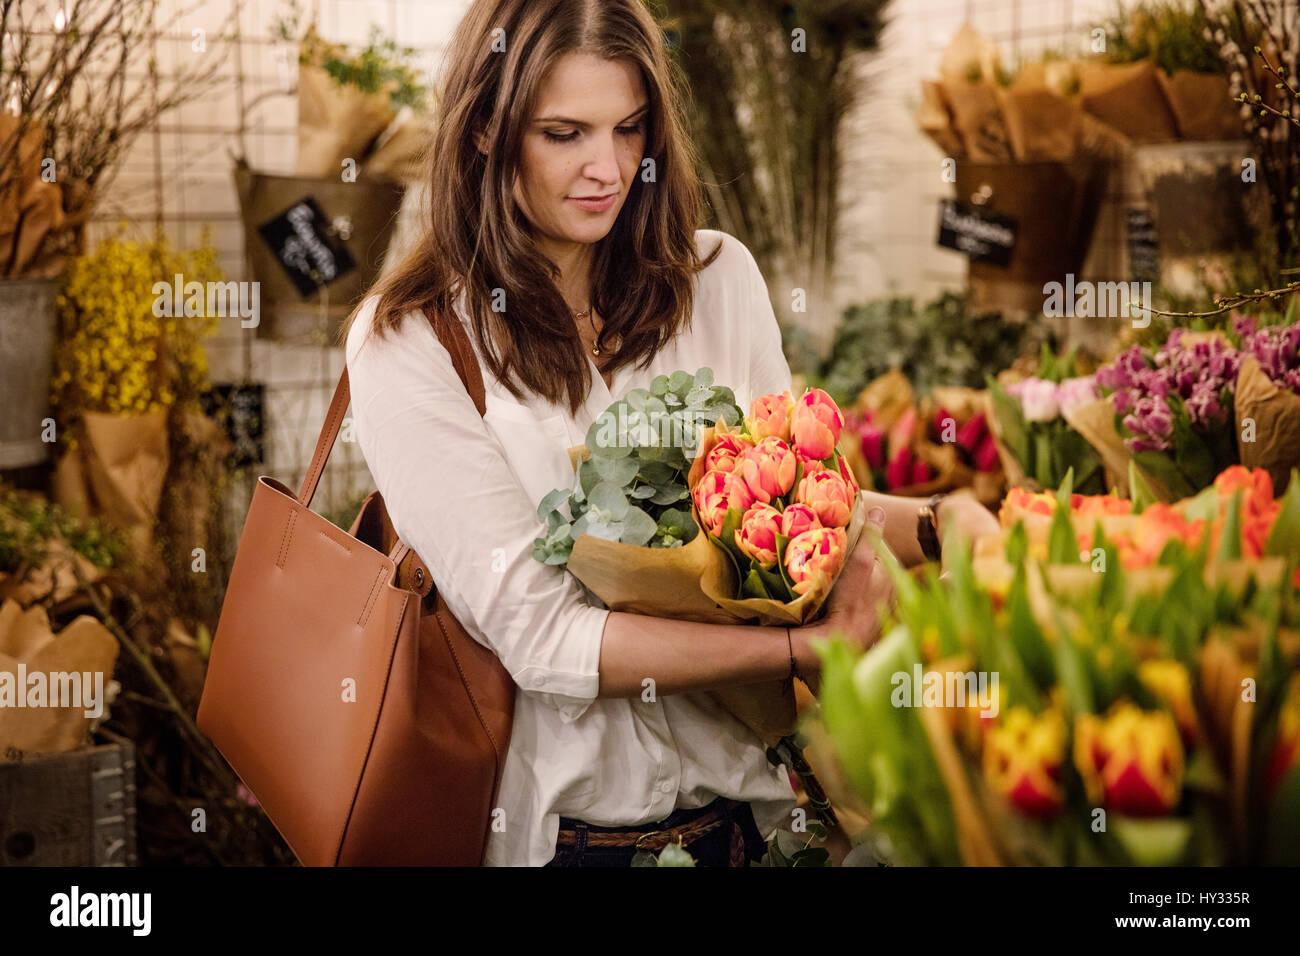 La Svezia, Donna scelta di fiori in negozio Immagini Stock